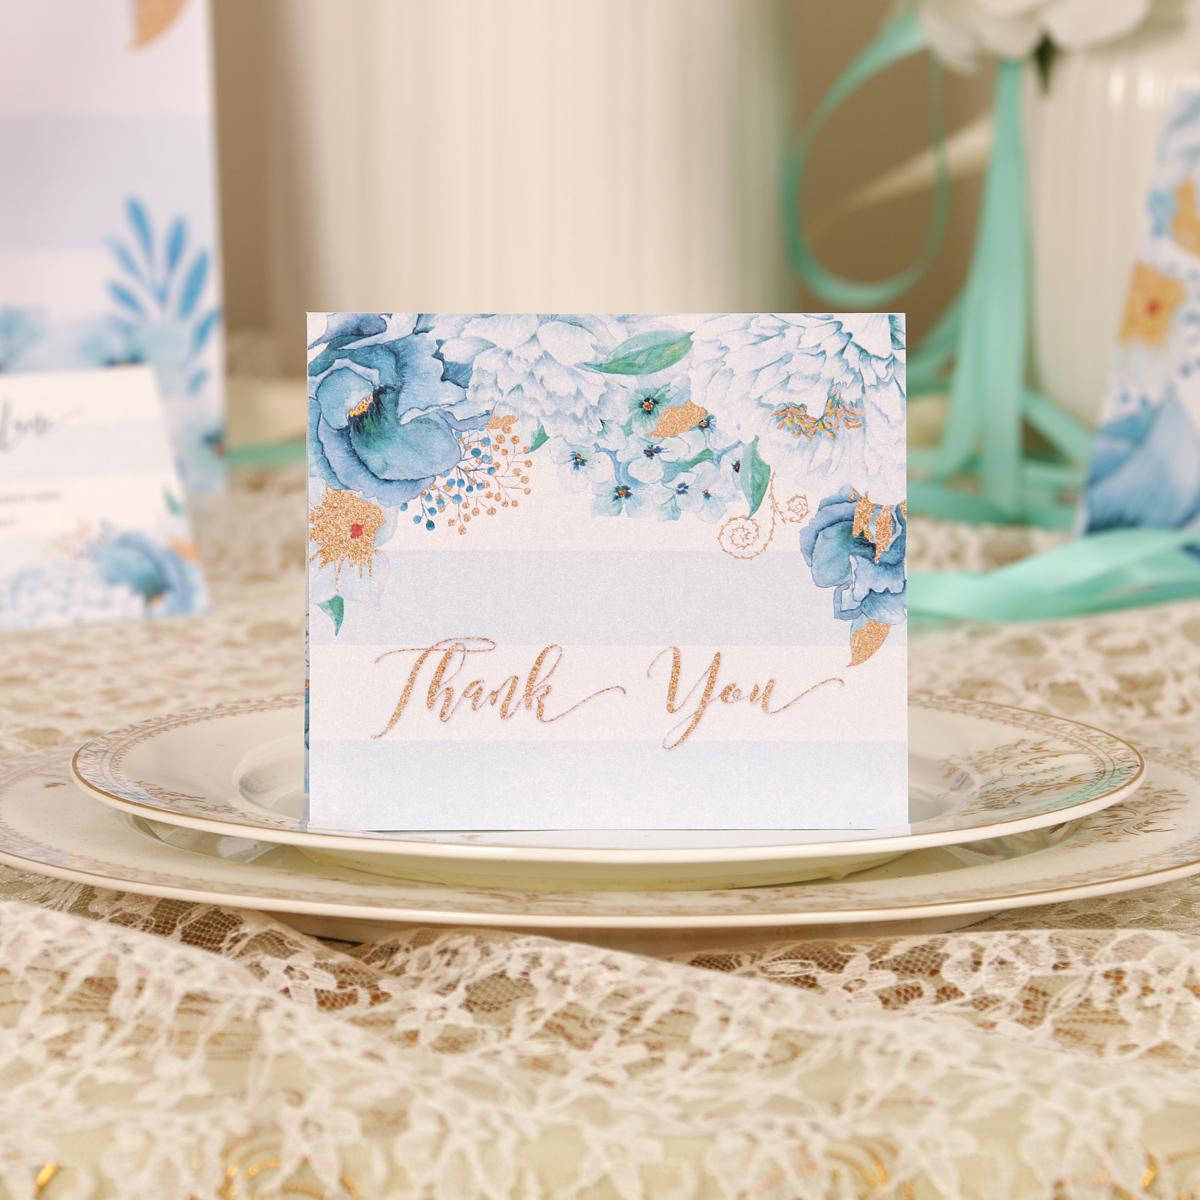 土耳其蓝小号请帖婚礼答谢卡/花卉宴会出席感谢卡/Thankful Card